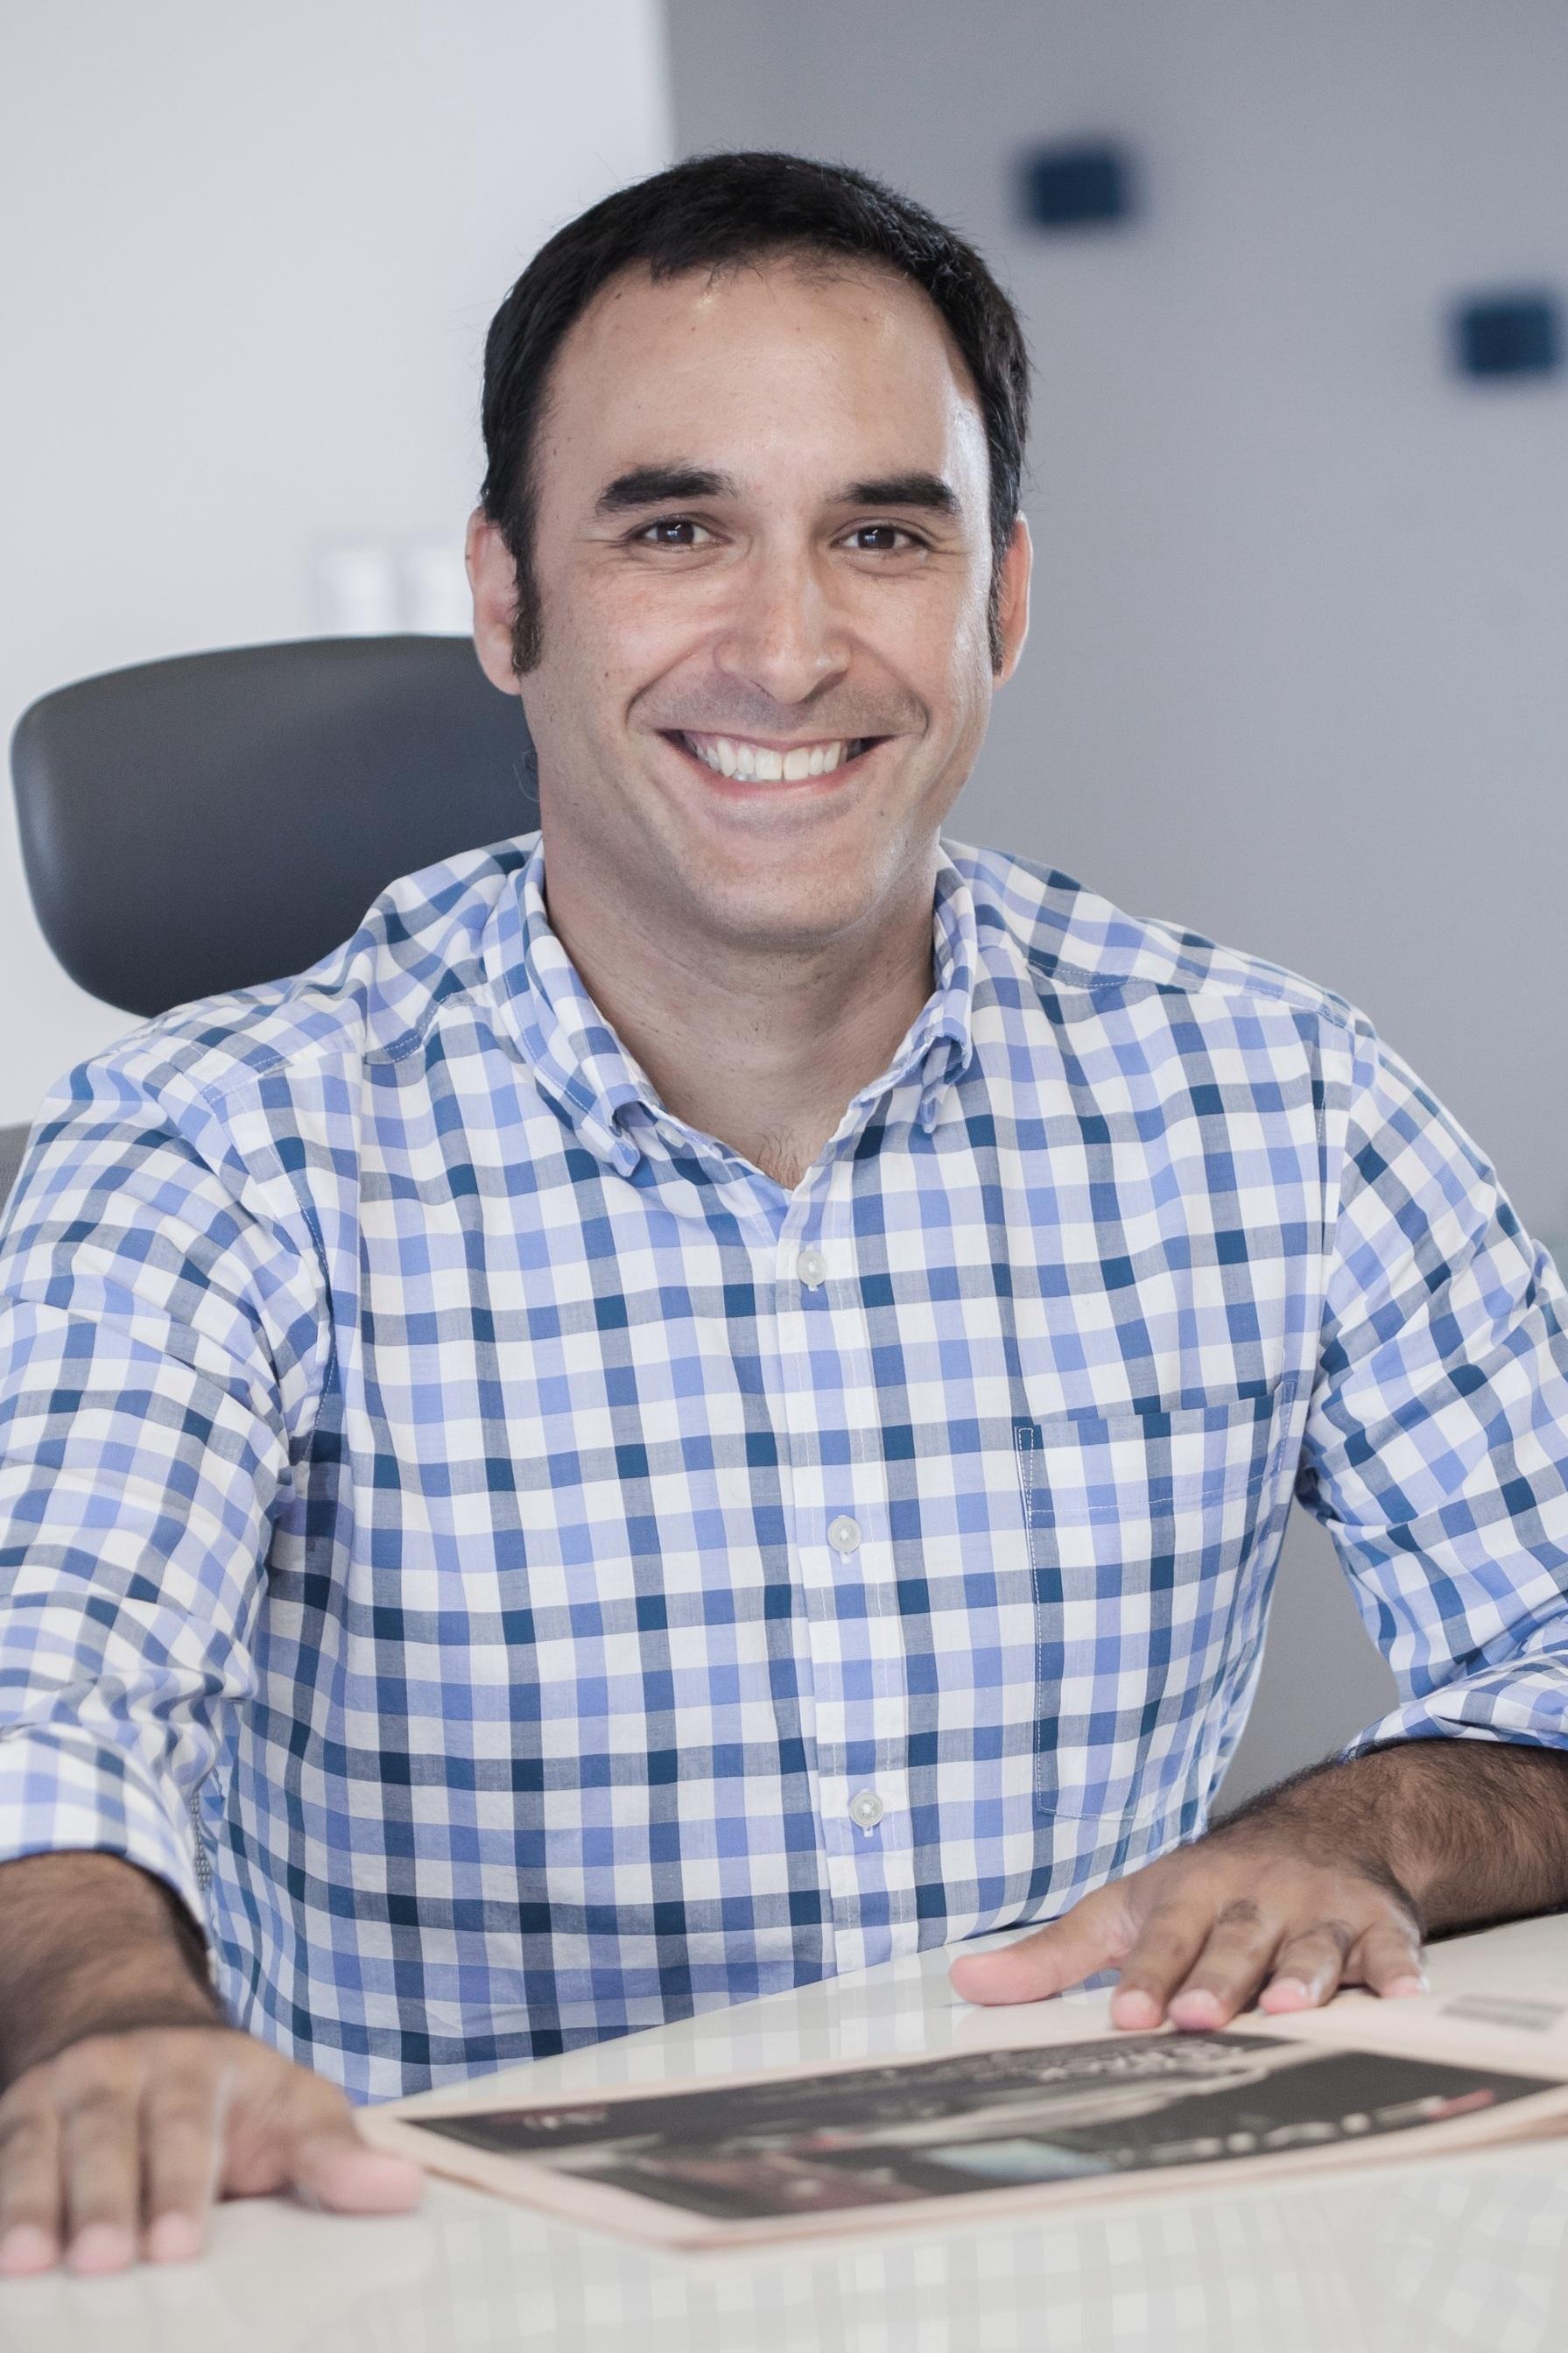 Guillermo Miro Quesada